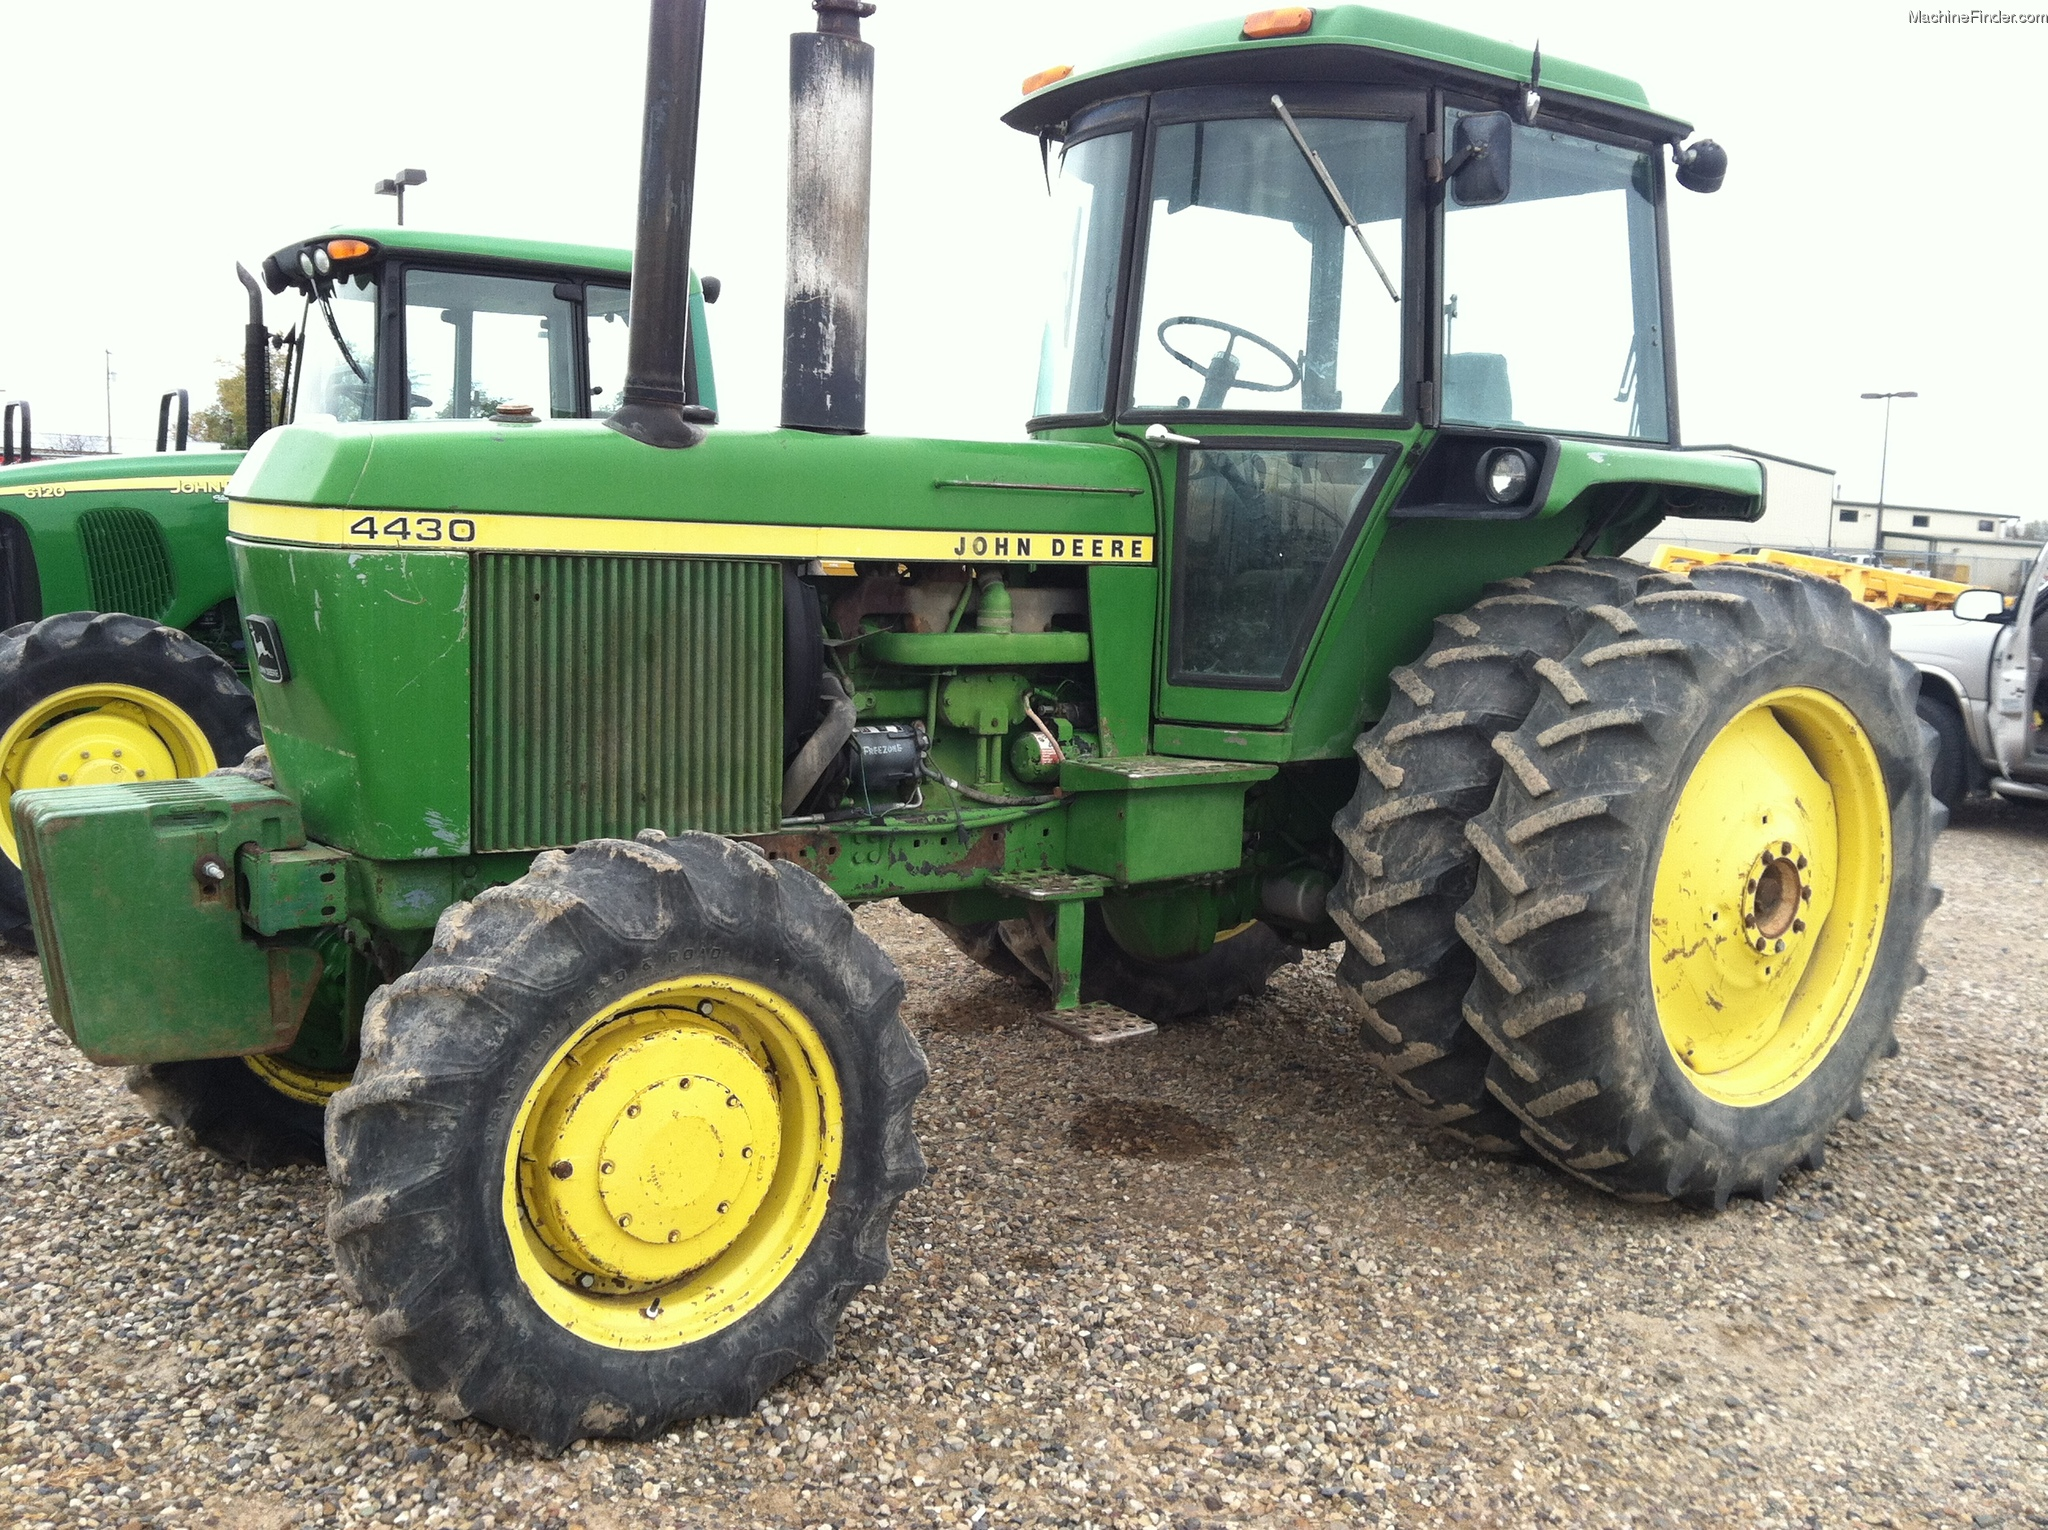 John Deere 4430 Tractors - Row Crop (+100hp) - John Deere ...